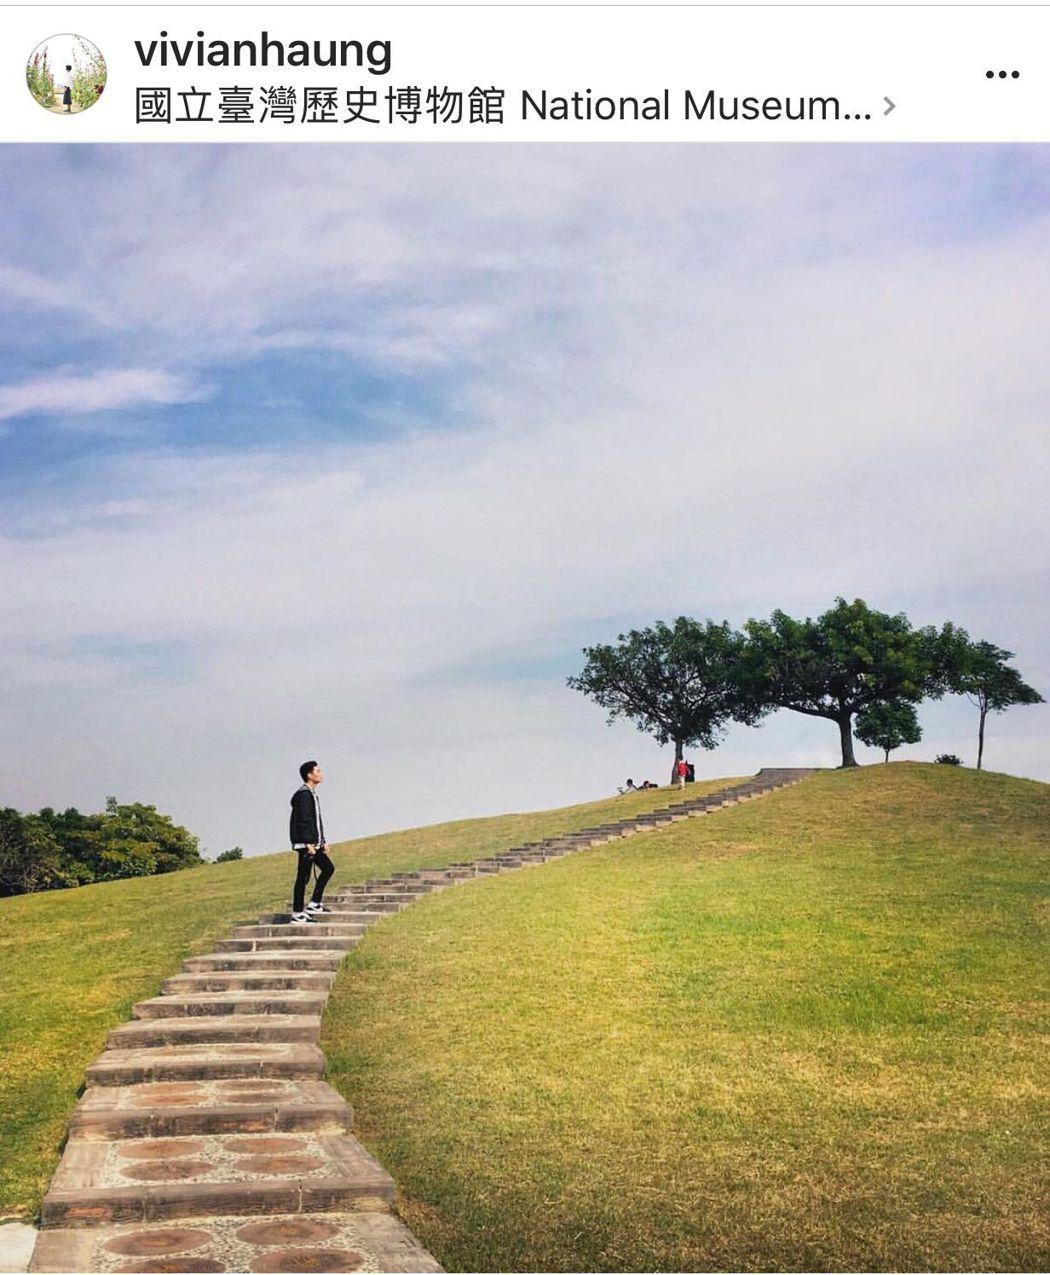 香菇在台灣歷史博物館拍下與眾不同的美照。圖/vivianhaung提供